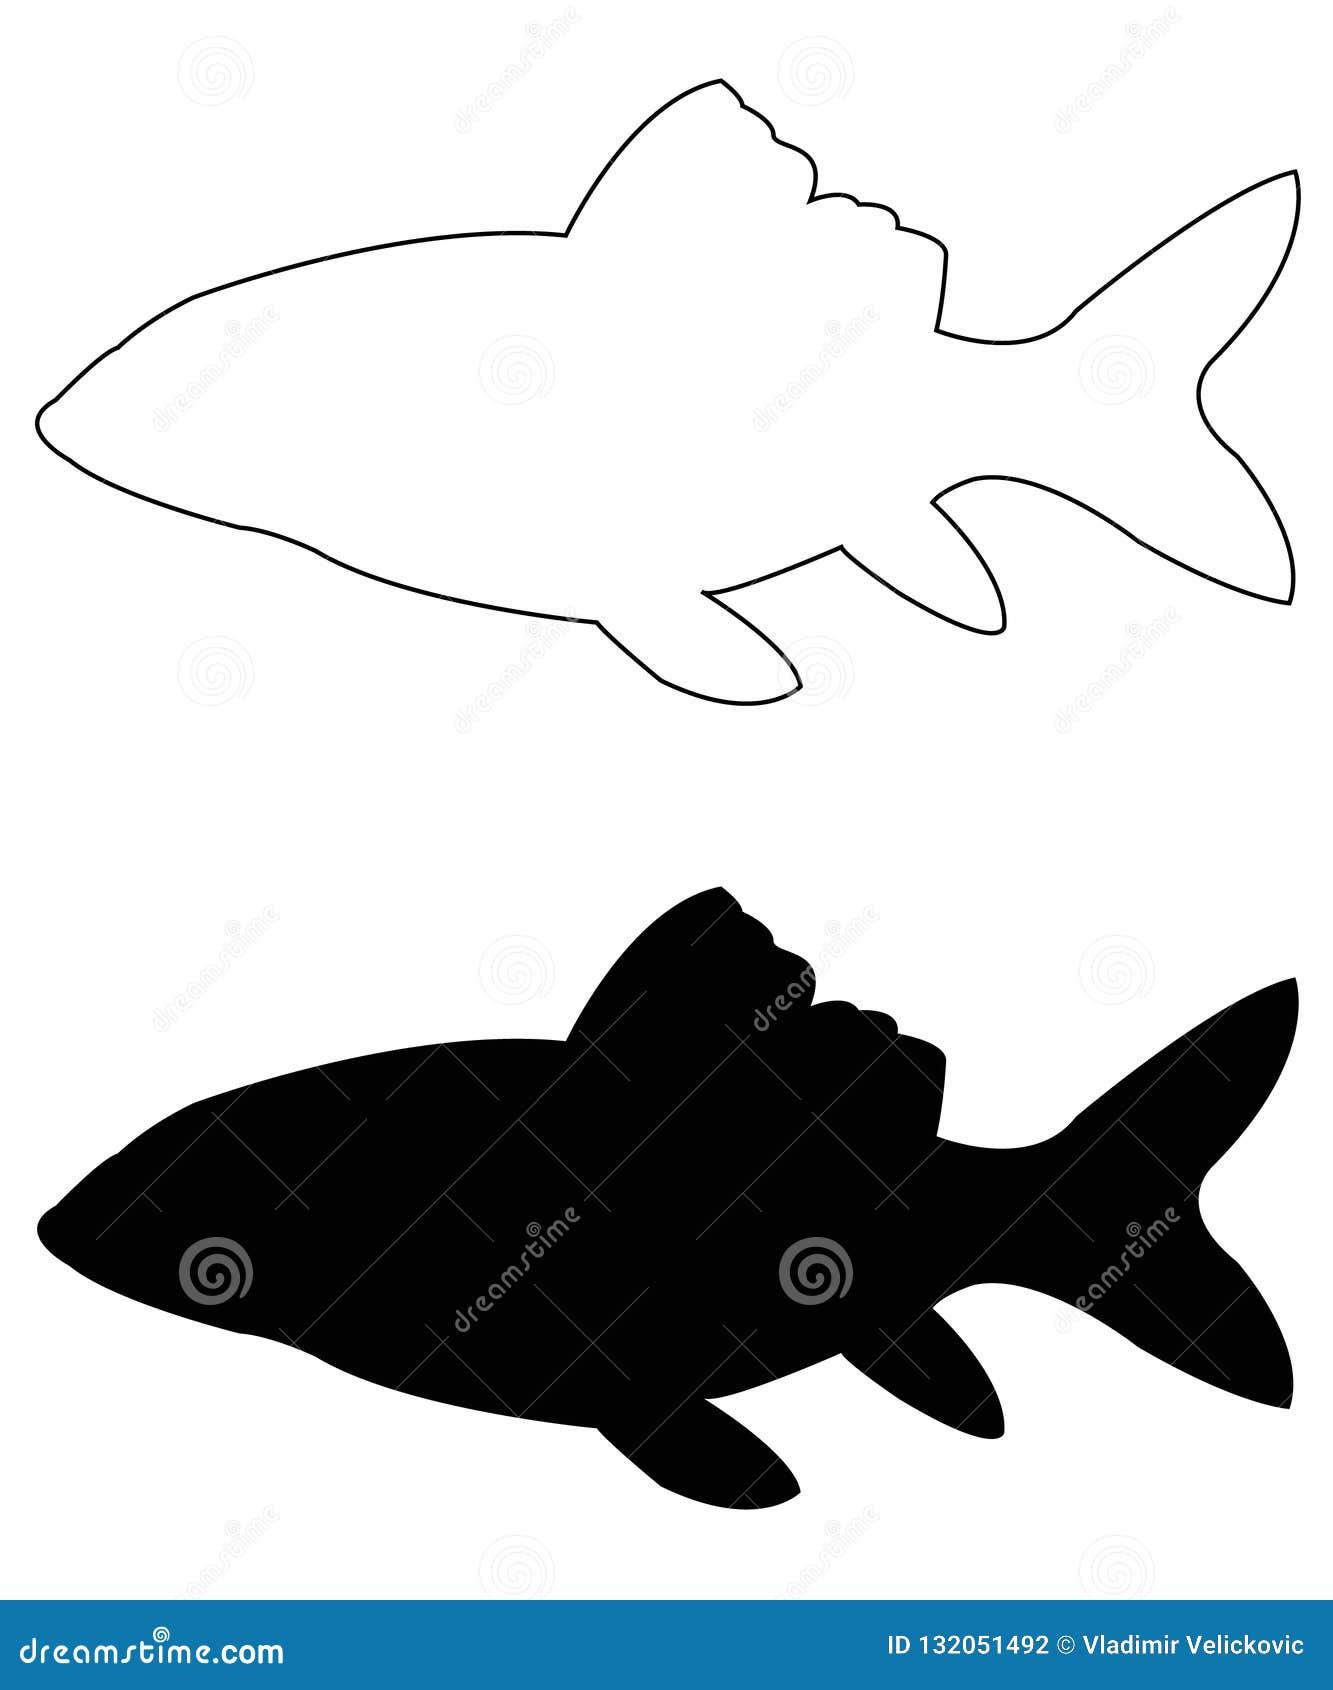 Siluetta del pesce - animali acquatici del craniate del branchia-cuscinetto che mancano degli arti con le cifre